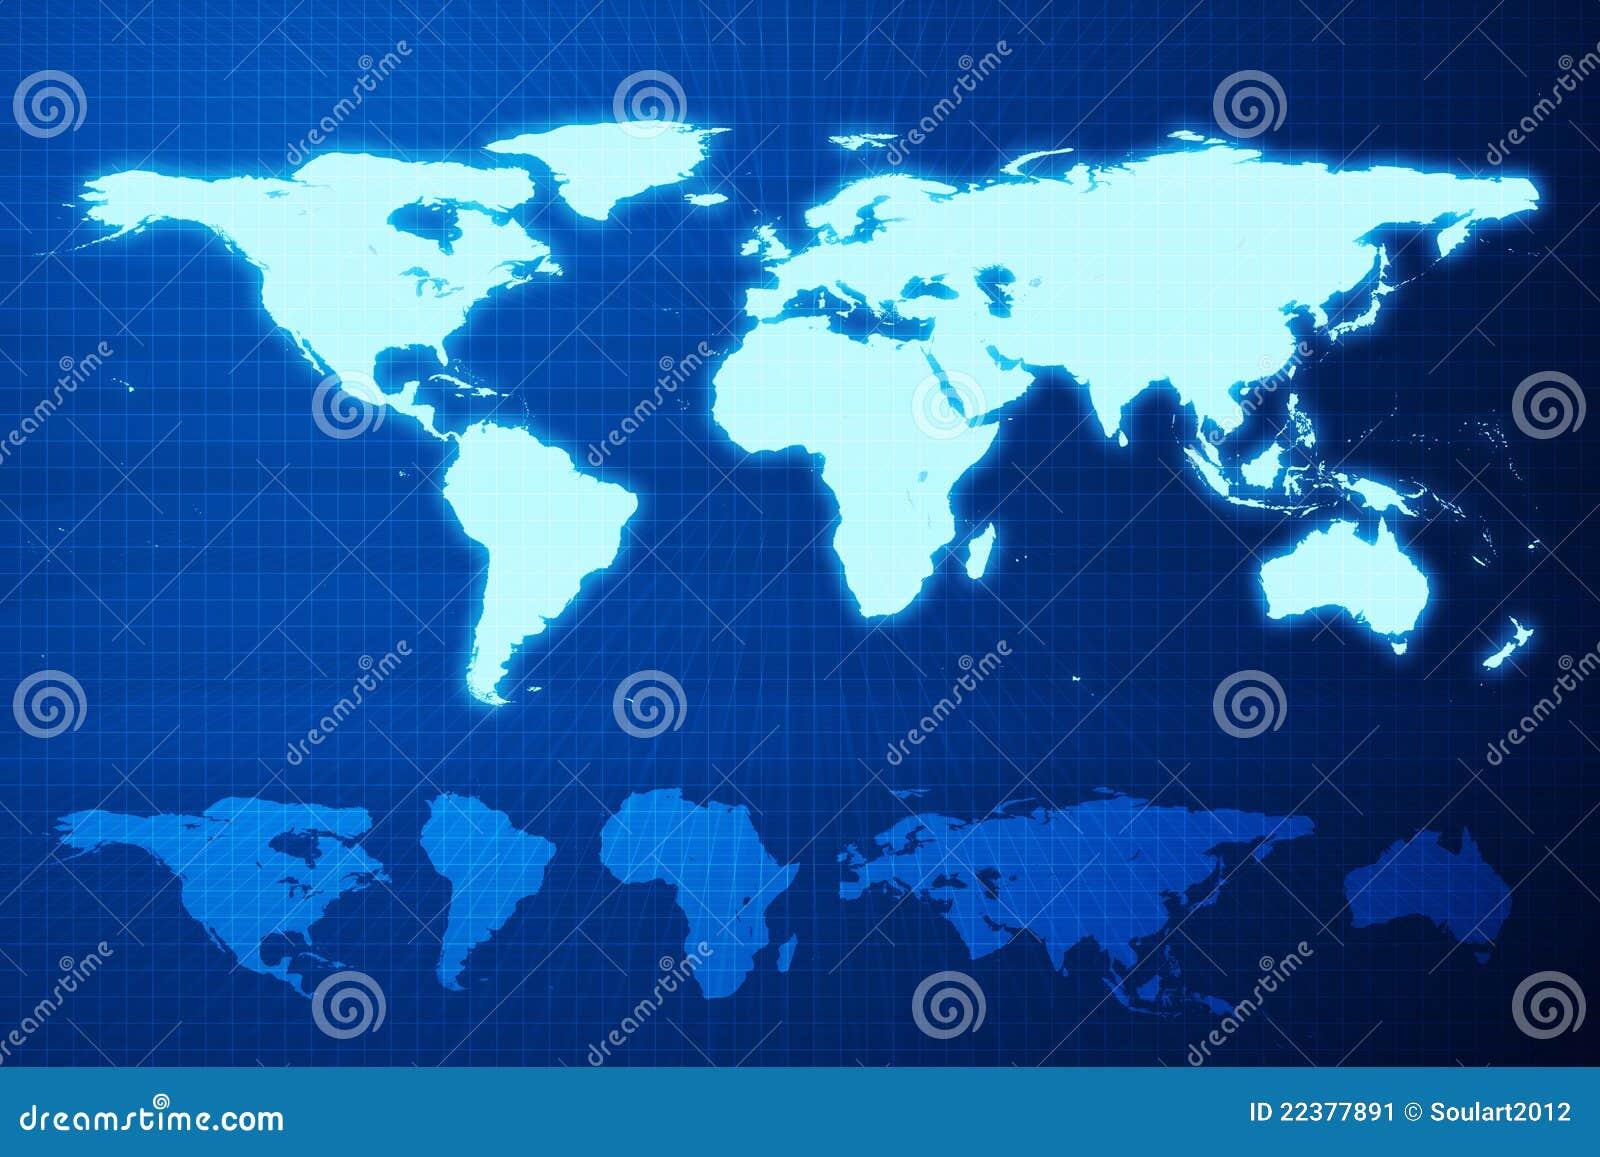 κόσμος χαρτών ηπειρωτικών χ